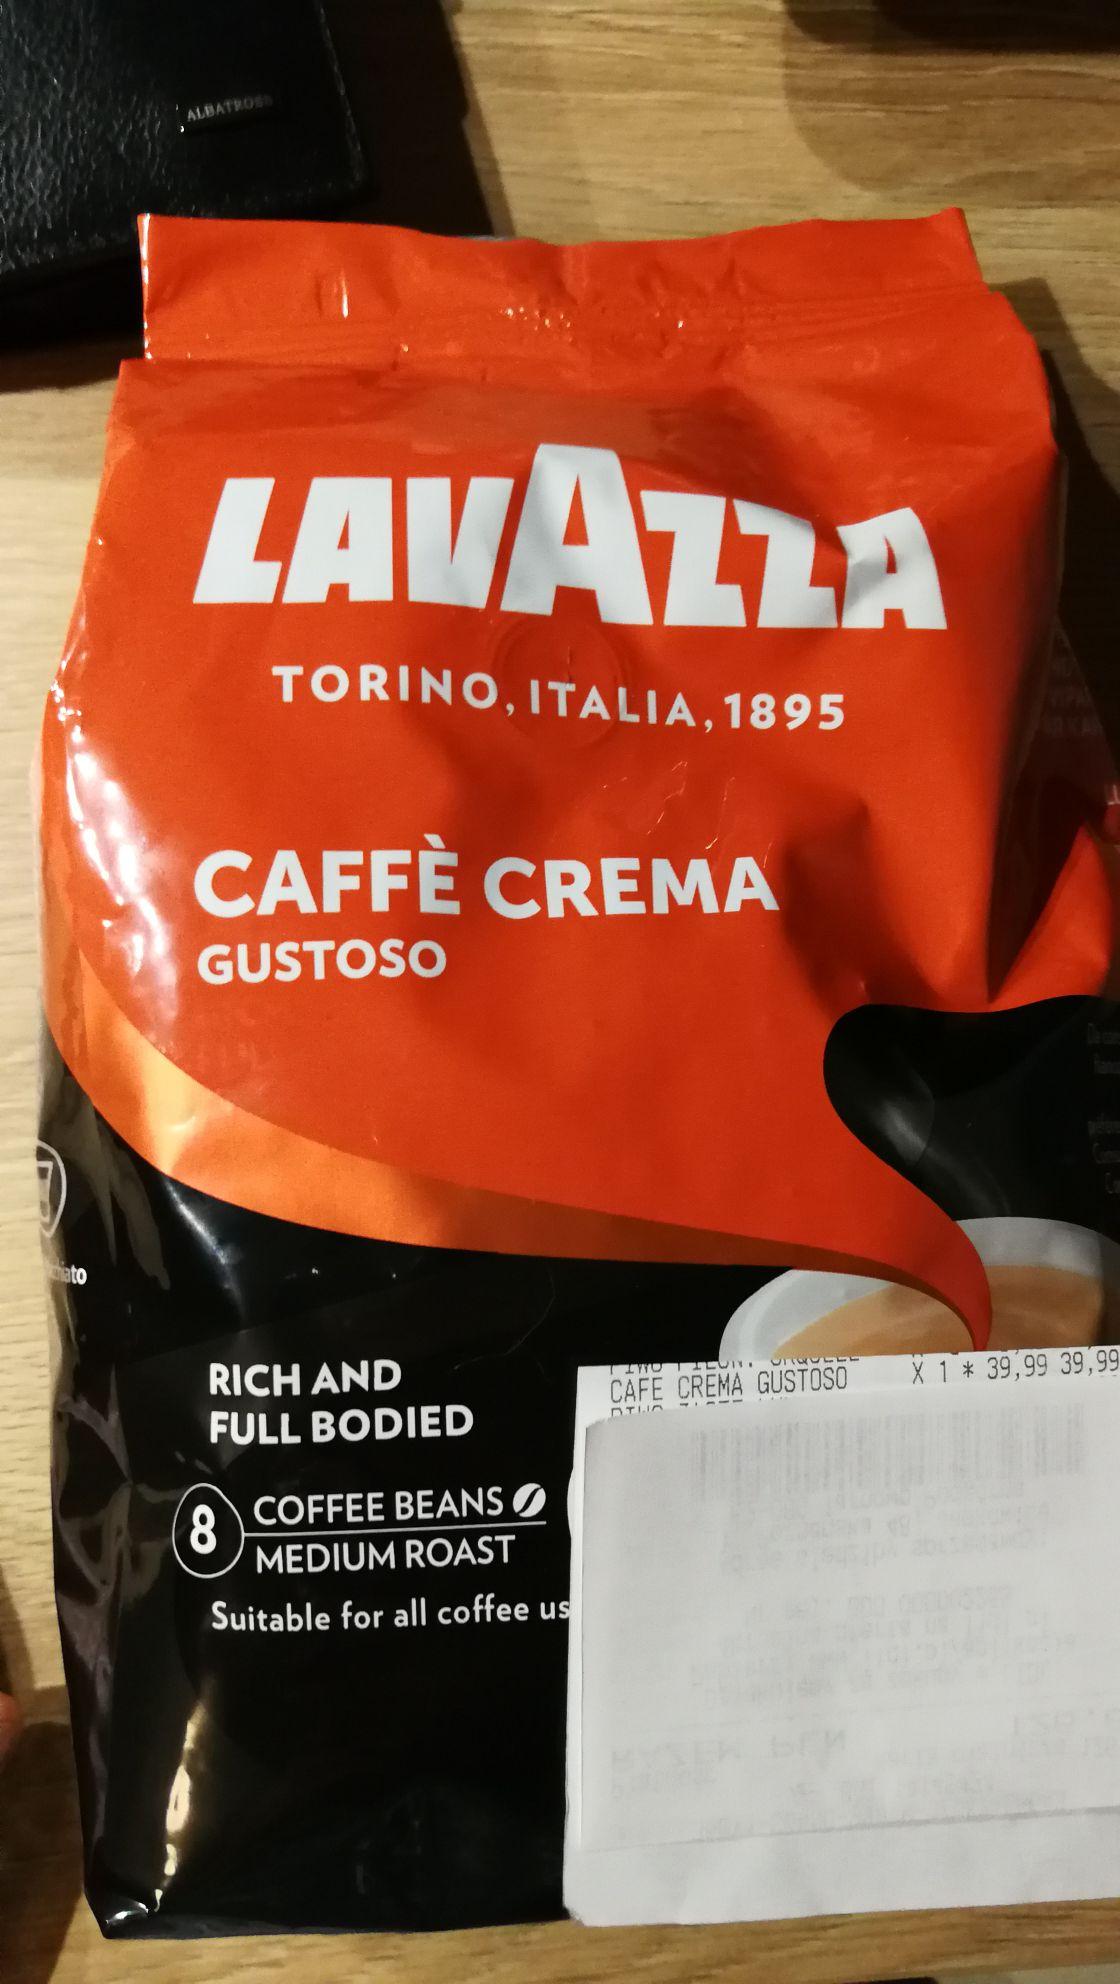 Lidl Lavazza caffe crema gustoso 1kg